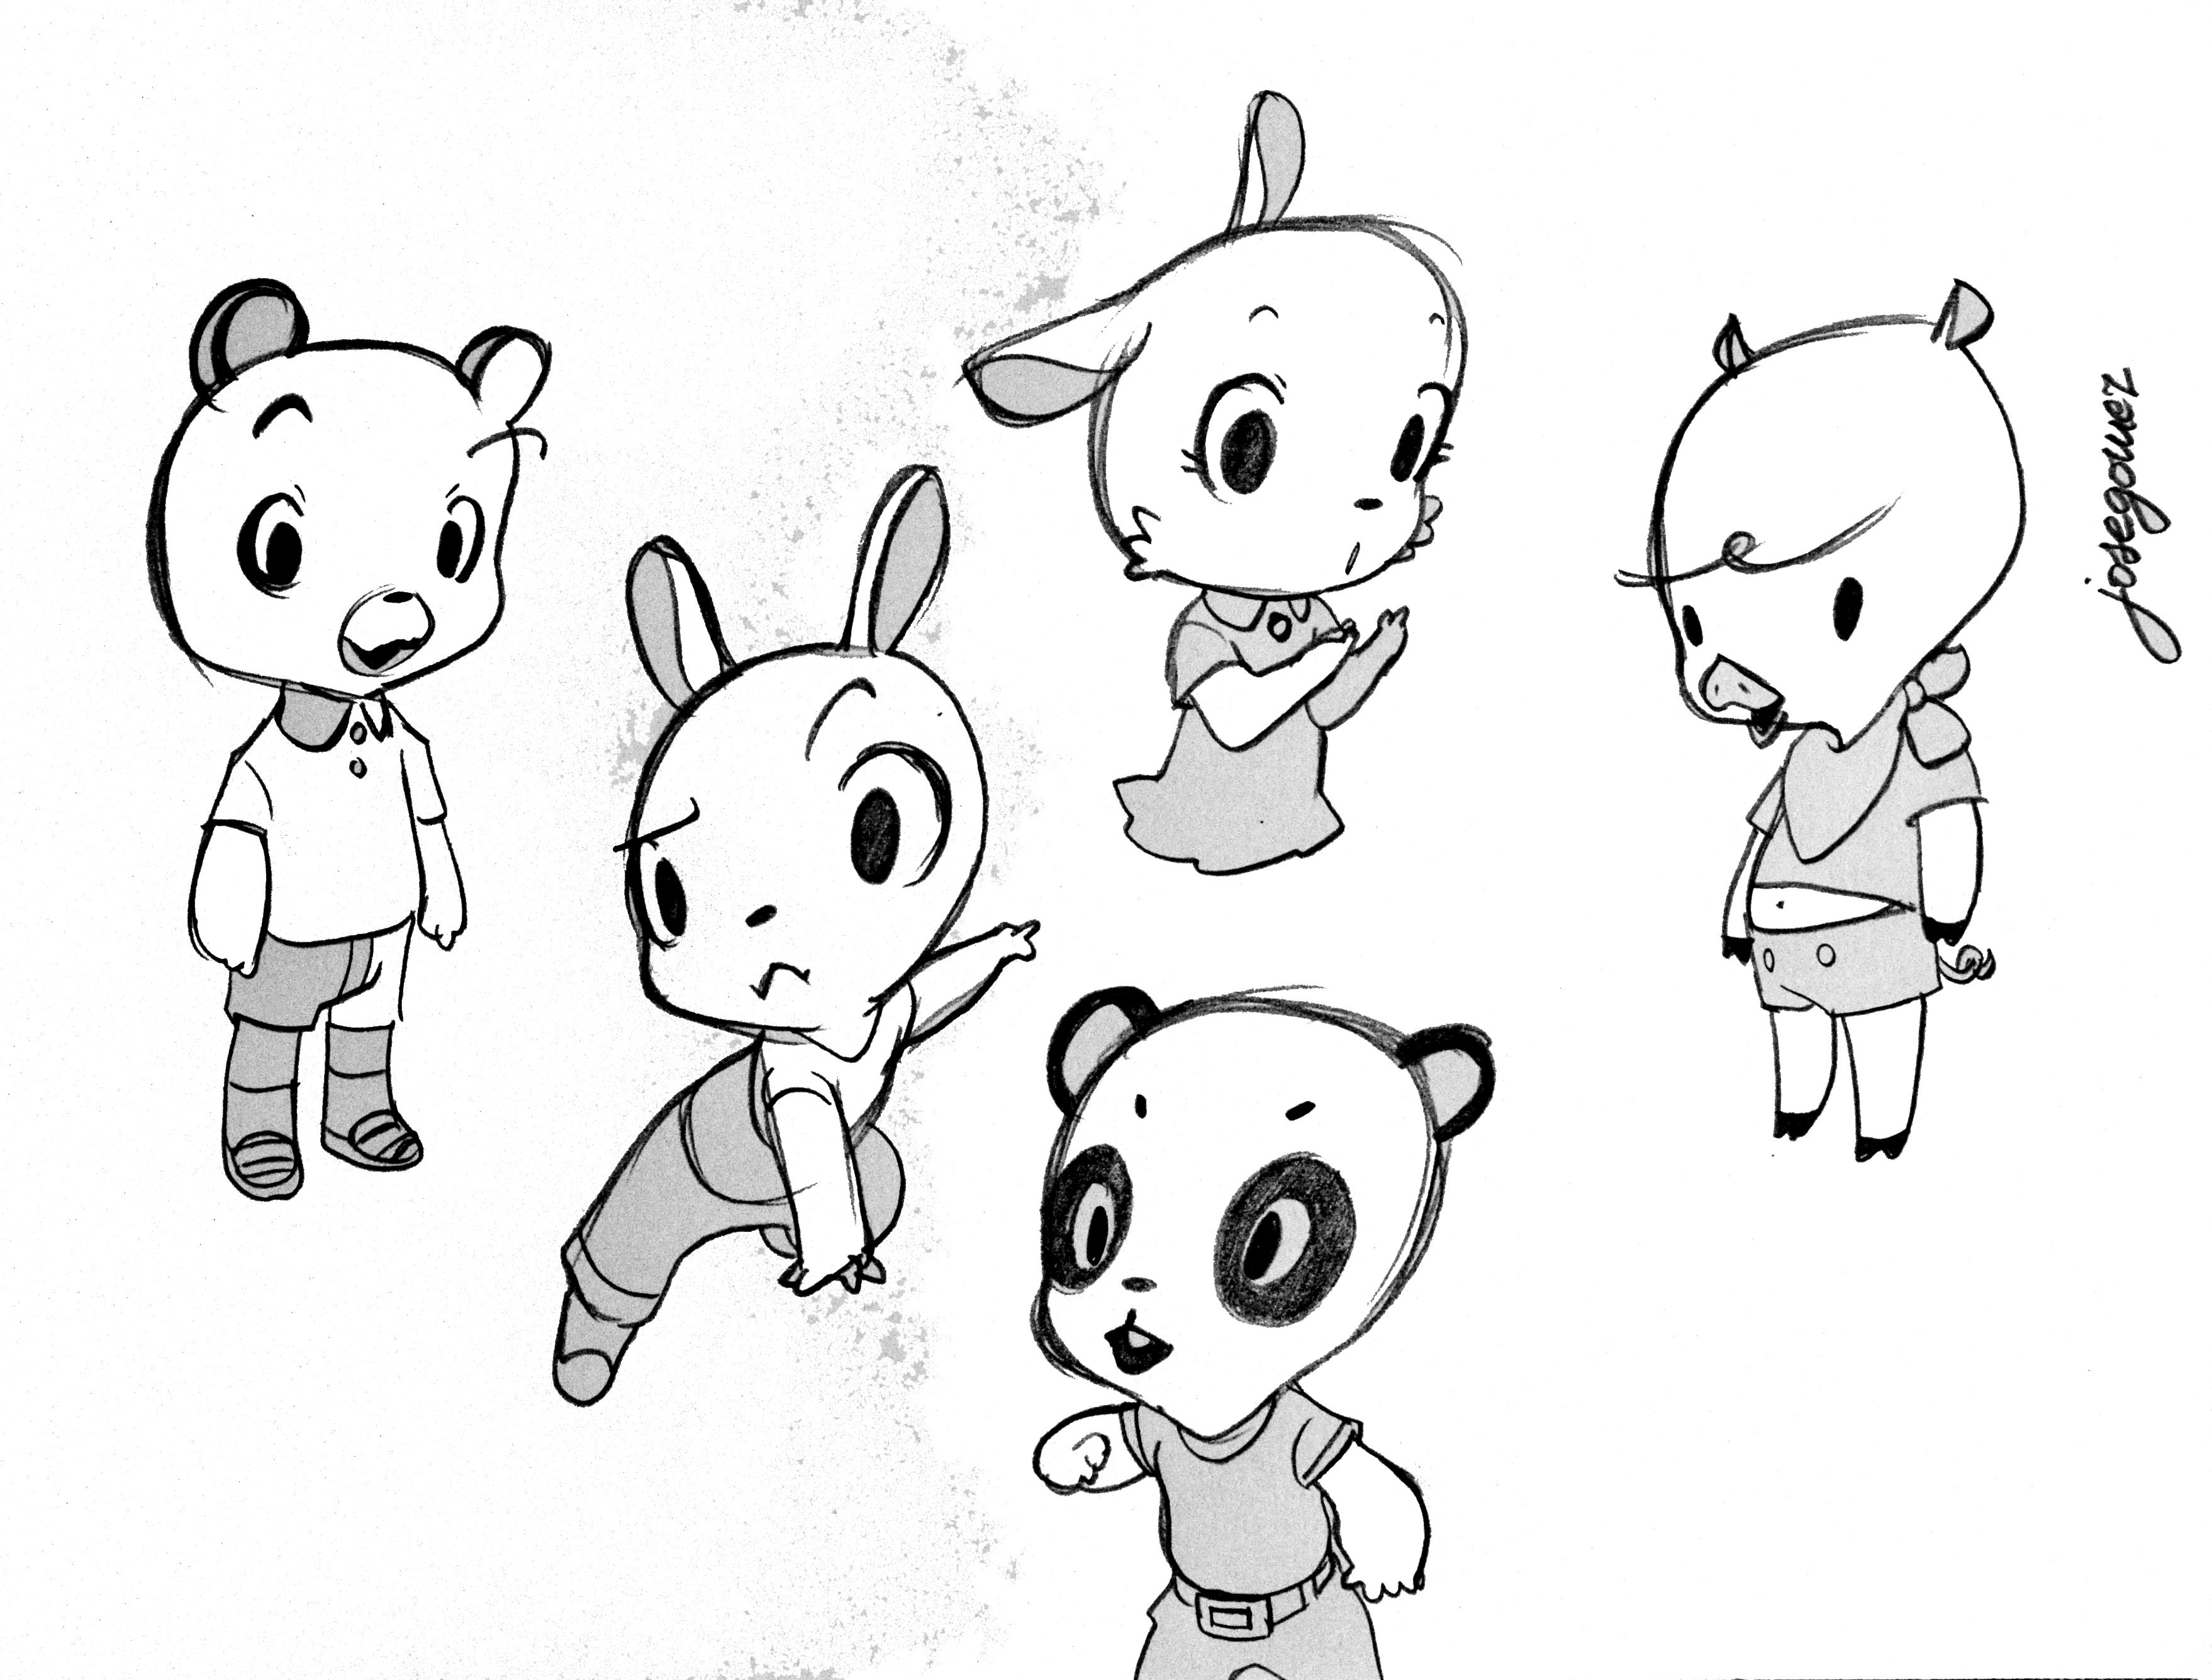 3516x2670 Village sketches. By Jose Gomez Obra Propia. Ilustracion.Cuadros